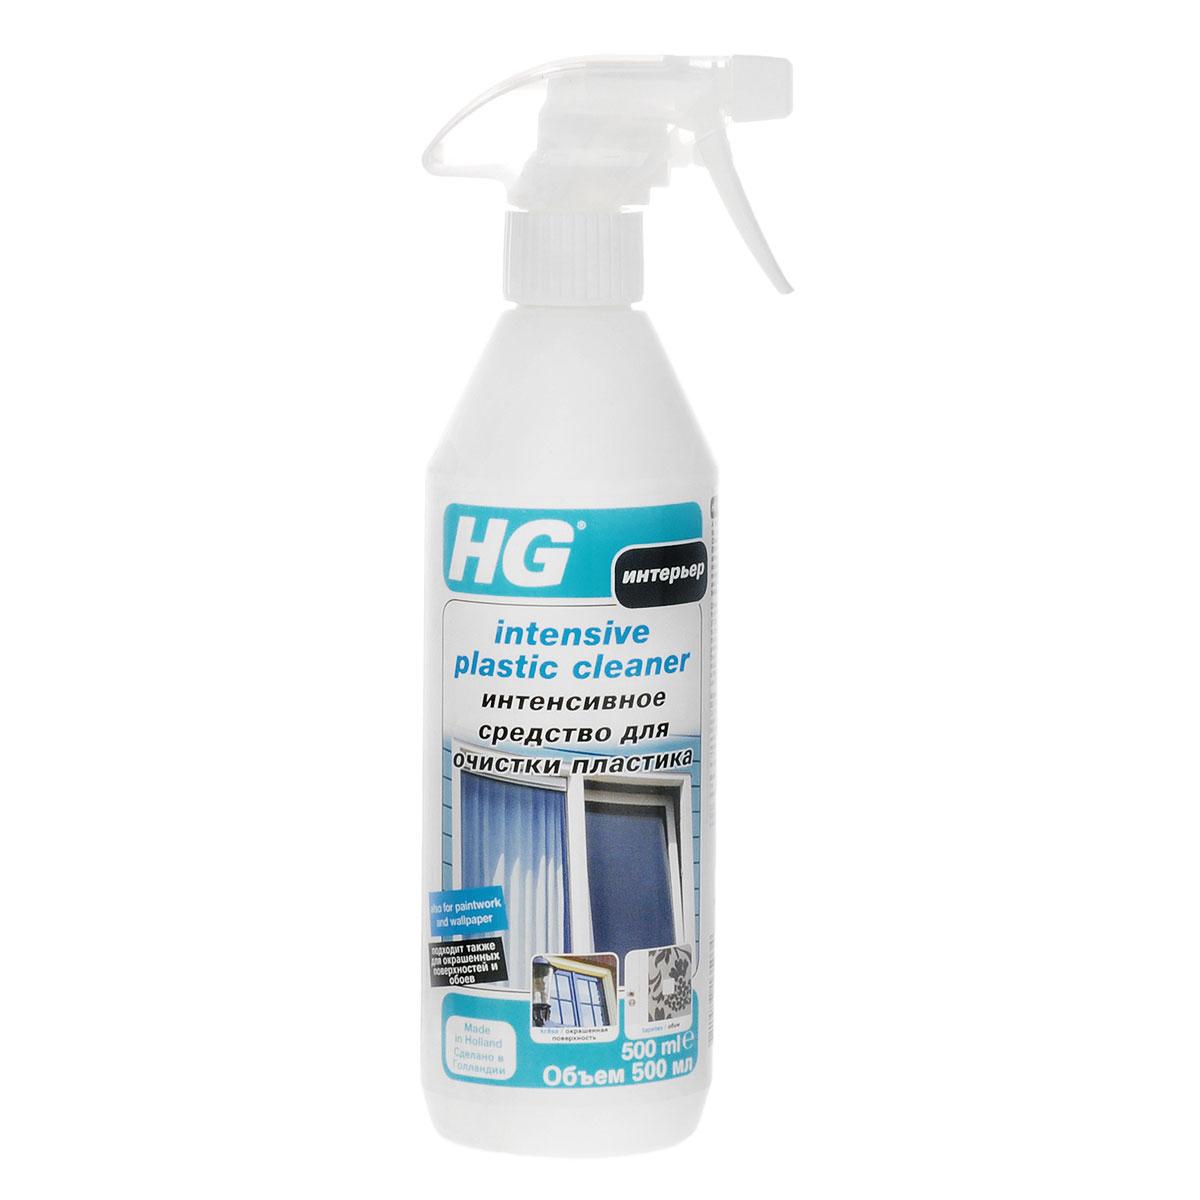 Средство HG для очистки пластика, обоев и окрашенных стен, 500 мл209050161Интенсивное чистящее средство HG для удаления следов атмосферных осадков, никотиновых пятен, пыли и других въевшихся загрязнений не вызывает обесцвечивания поверхности. Идеально подходит для очистки поверхностей из пластмассы и пластика (подоконник, оконные рамы, МДФ, ламинированный пластик), моющихся обоев, плакирования, жалюзи.Применение: для пластмассовых поверхностей, моющихся обоев. Инструкции по применению: Поверните насадку спрея в четверть оборота в положение STREAM/SPRAY, нанесите средство непосредственно на поверхность либо с помощью матерчатой салфетки и оставьте действовать несколько минут. Затем протрите поверхность бумажным полотенцем или матерчатой салфеткой. Для удаления въевшихся загрязнений оставьте средство действовать на 10 минут. По окончании очистки поверните насадку спрея в положение OFF.